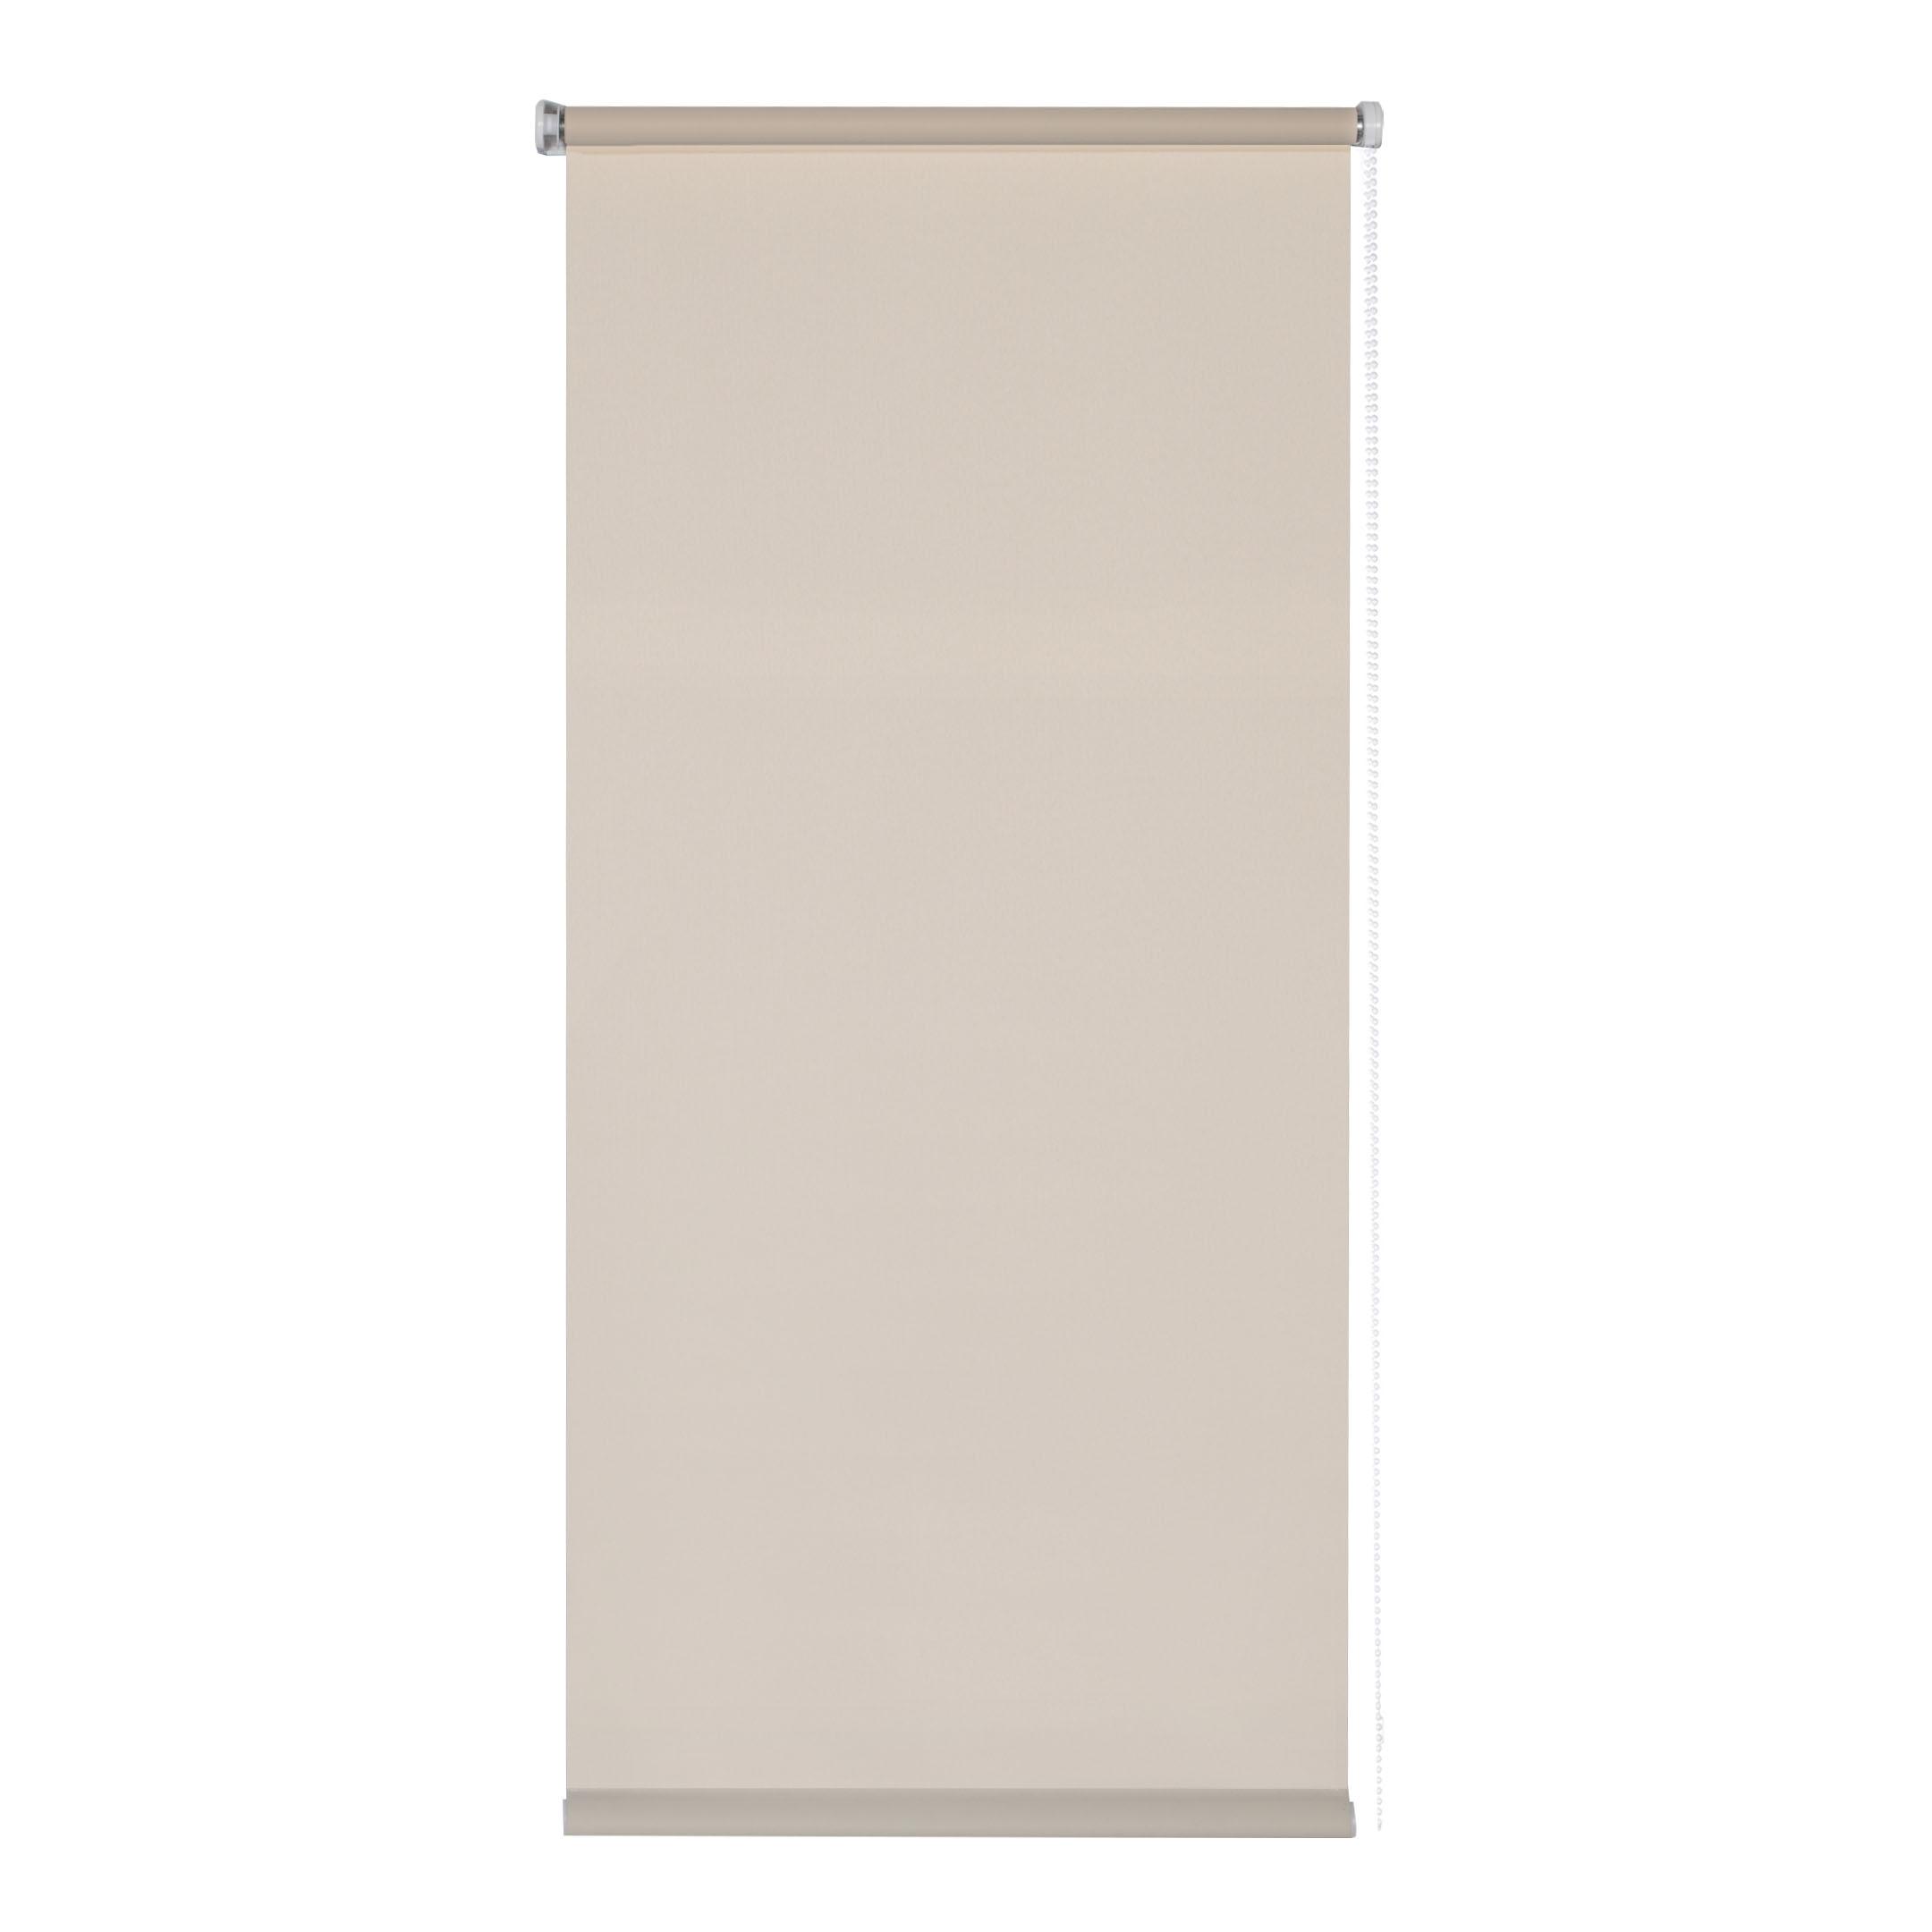 Фото - Штора рулонная Плайн 50х175 см сливочный штора рулонная плайн 50х175 см фисташковый